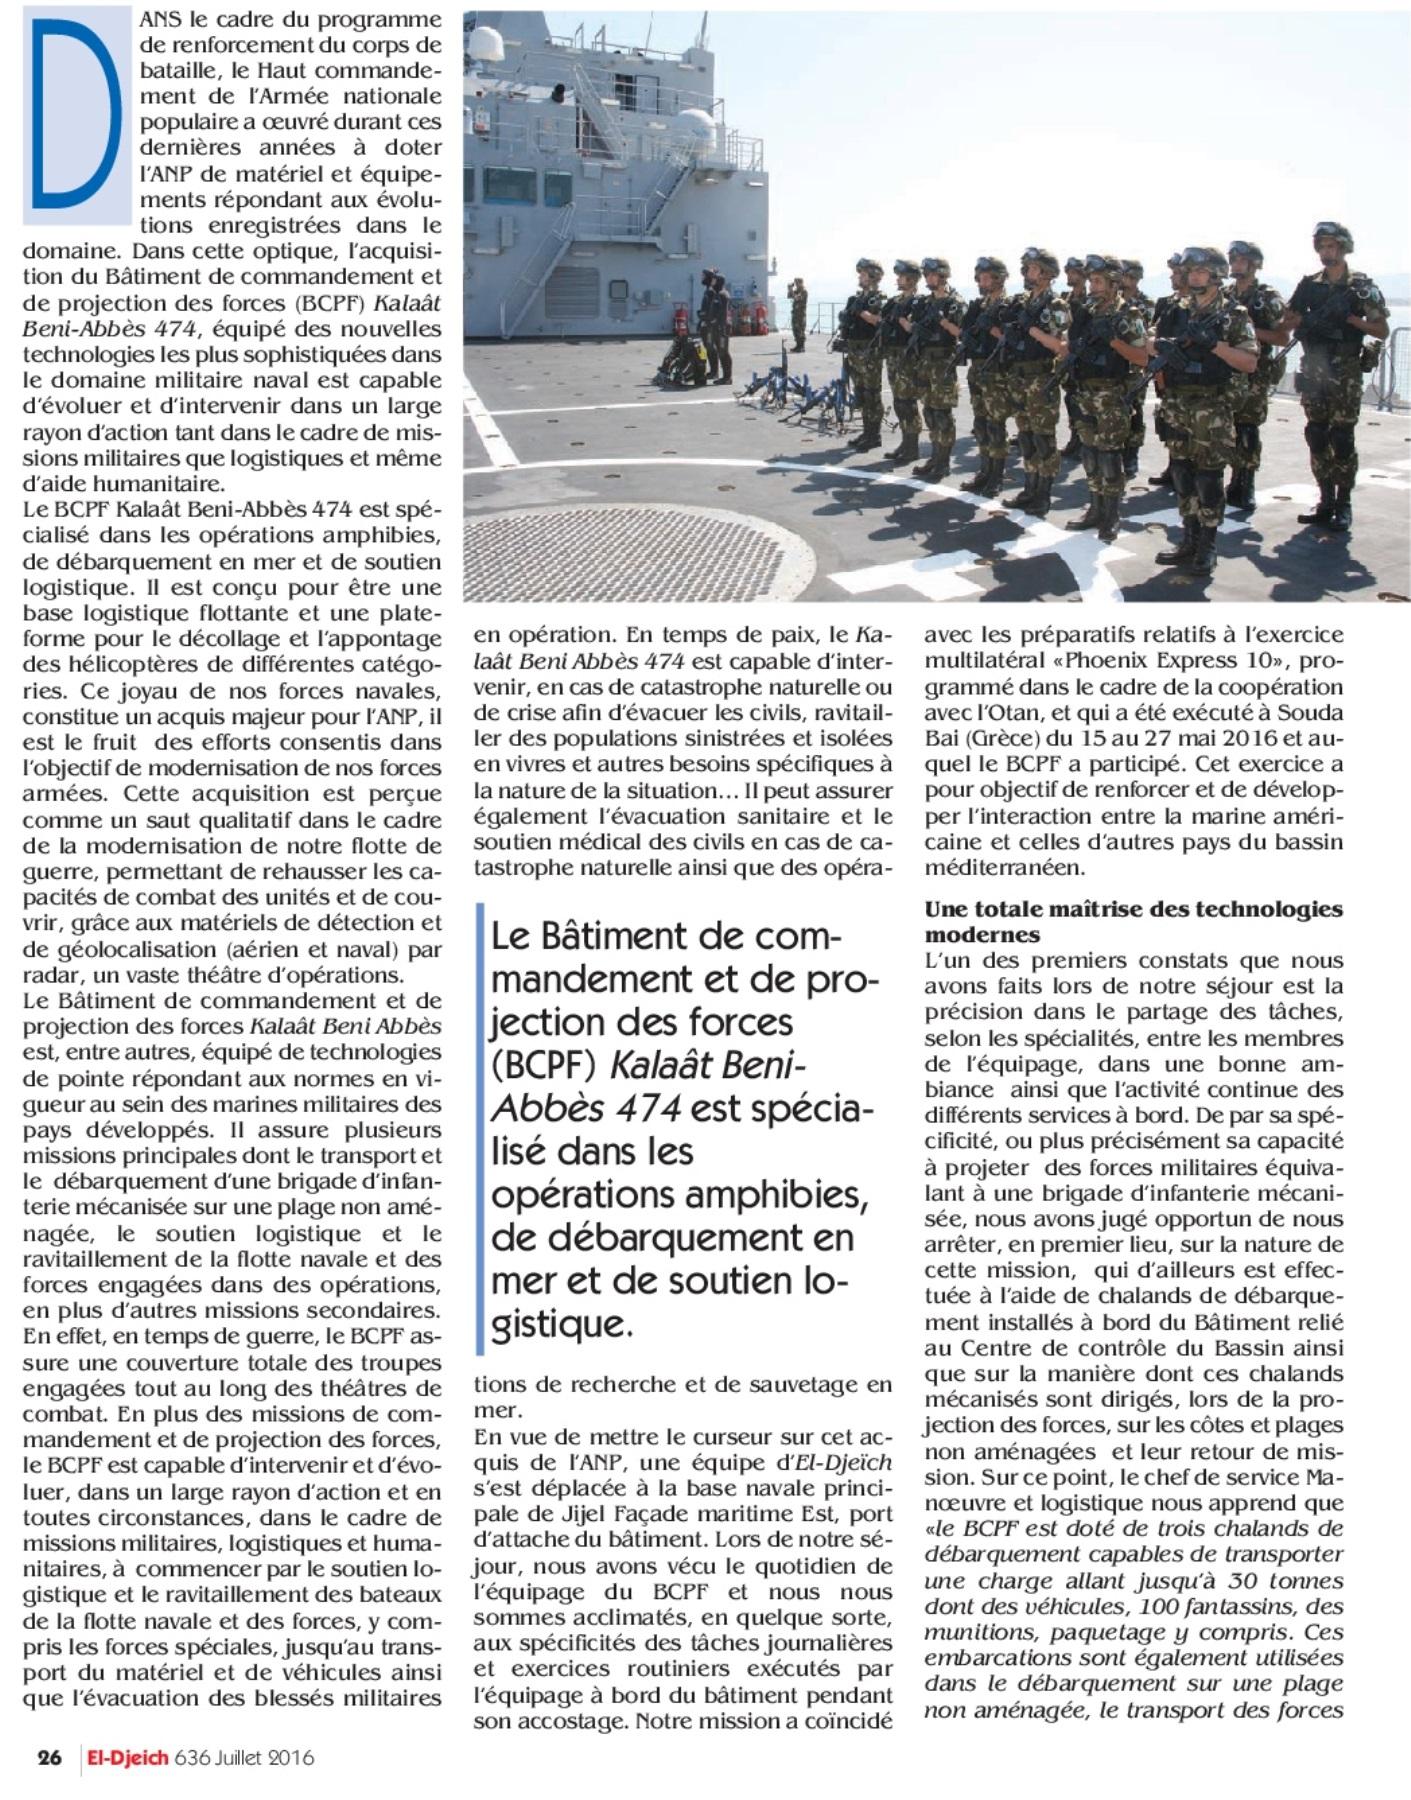 Armée Algérienne (ANP) - Tome XIV - Page 37 27736485184_ac9b35f90e_o